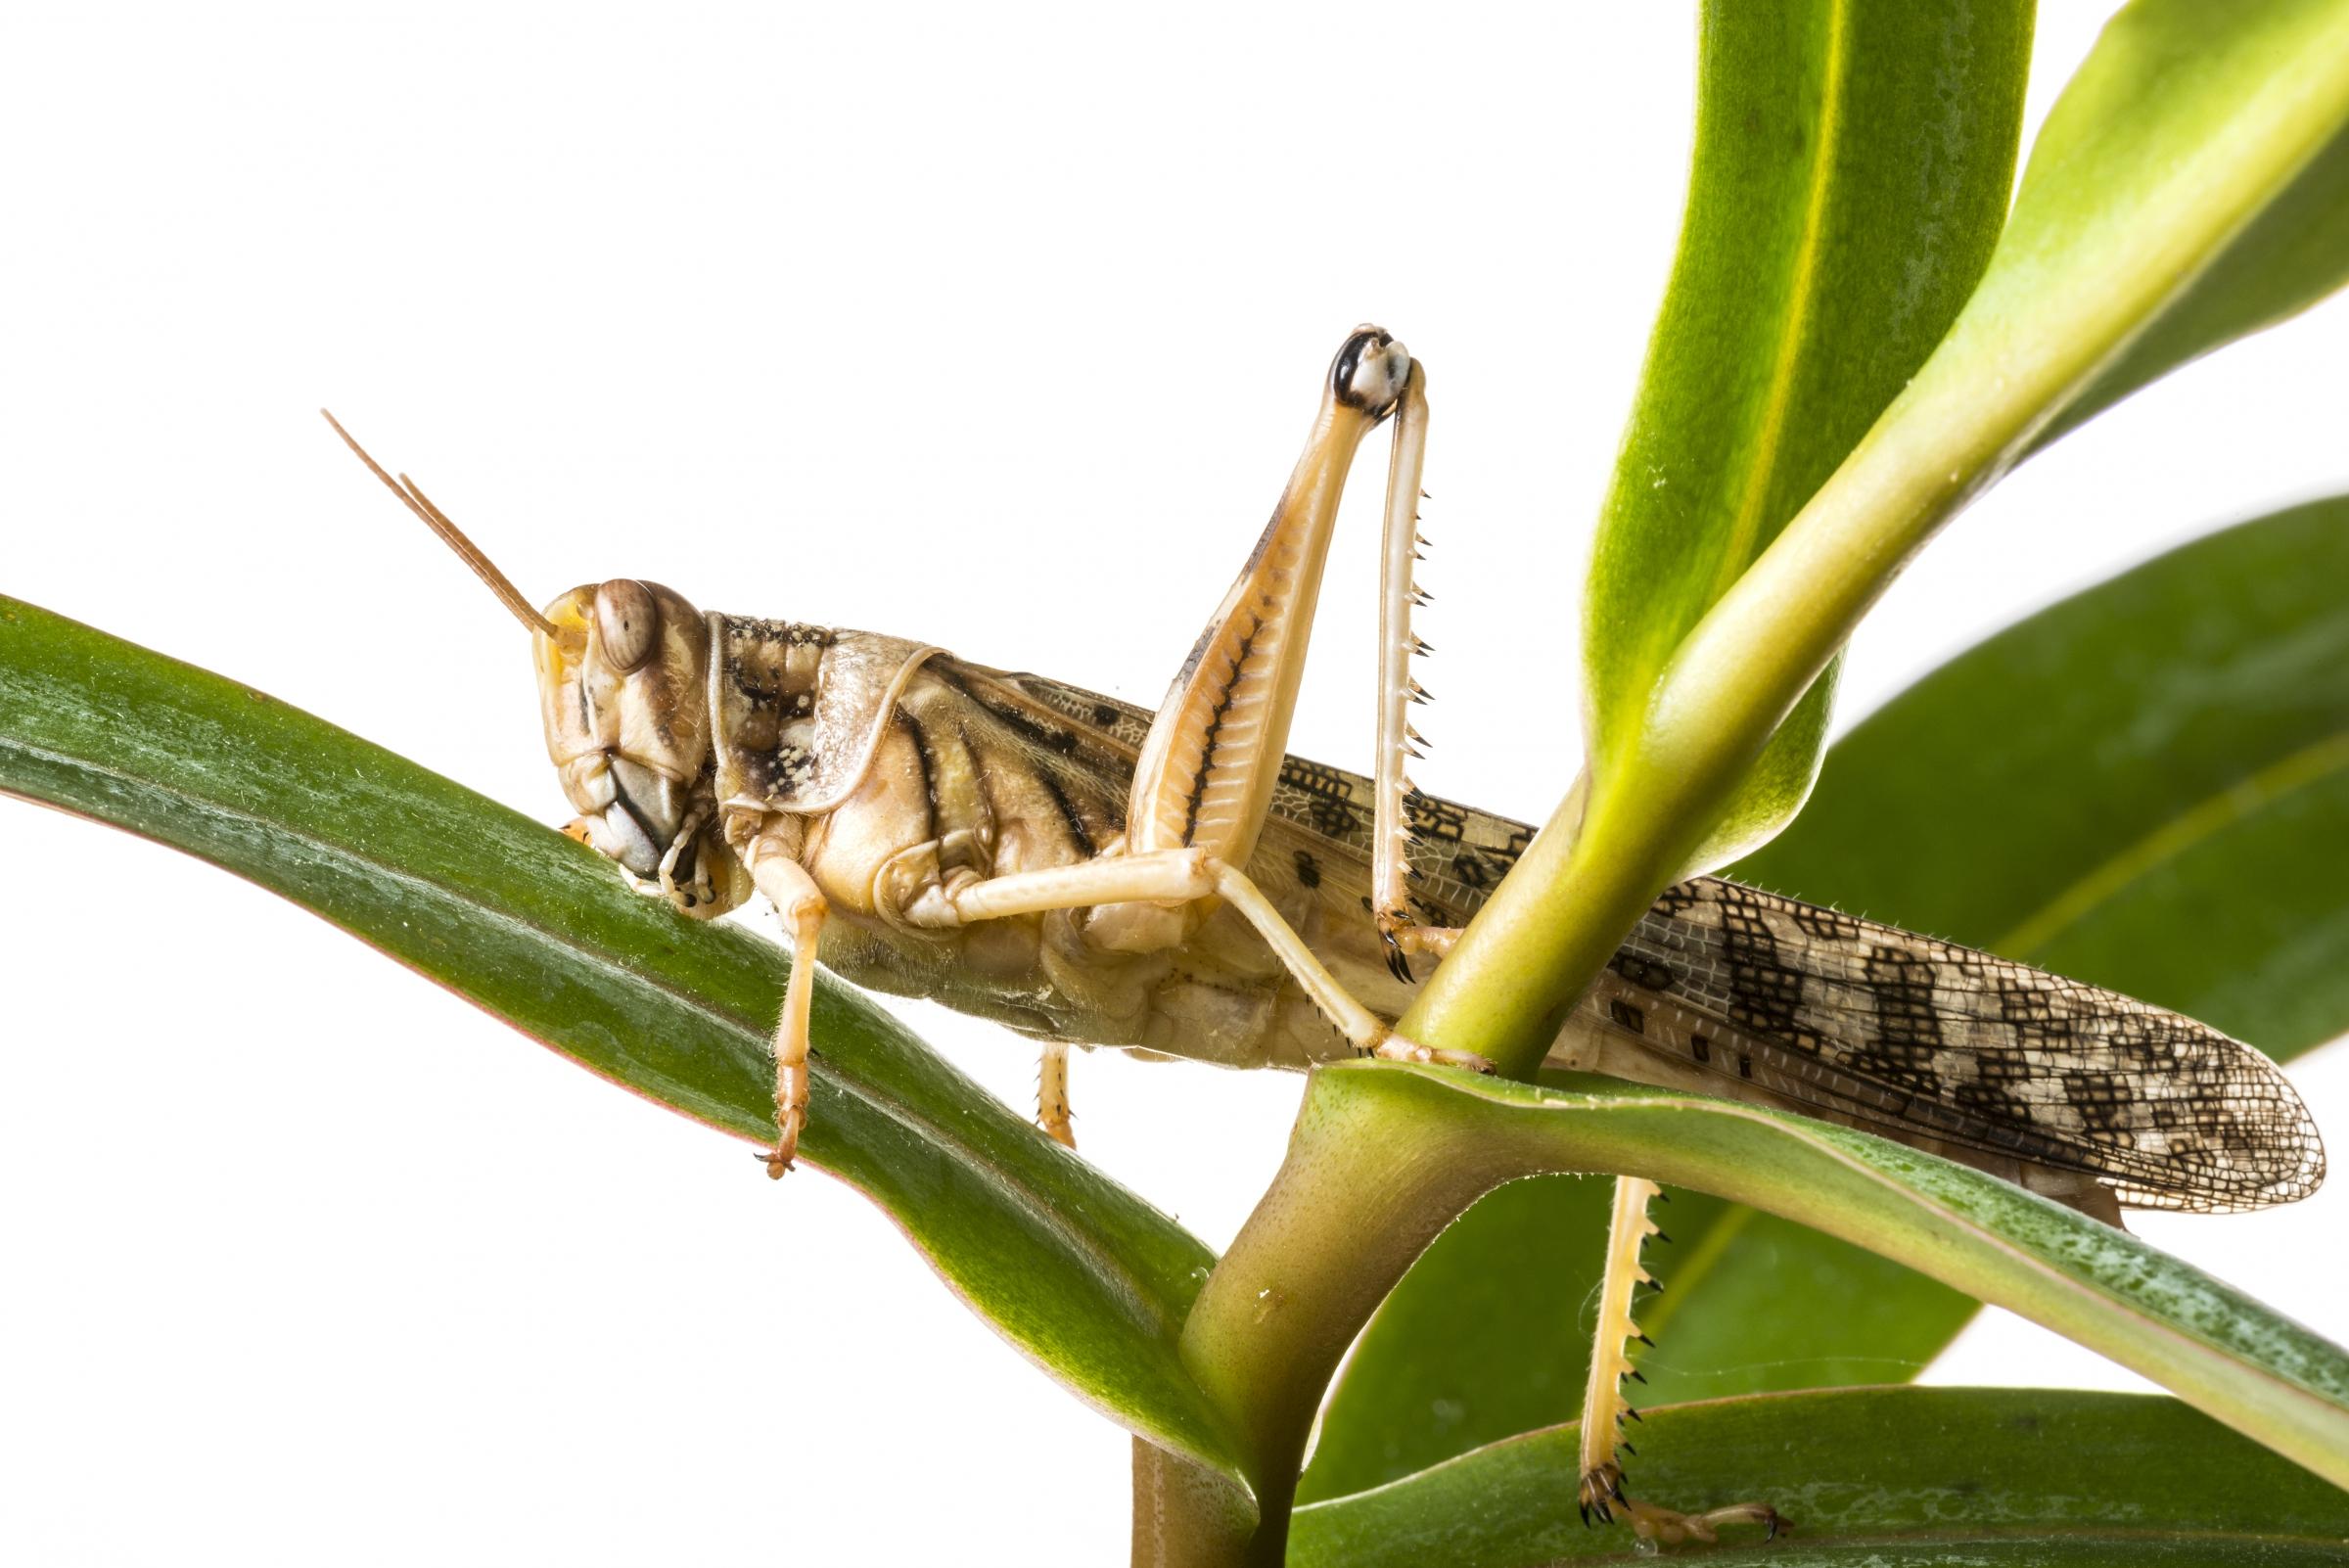 ארבה המדבר Schistocerca gregaria , קרדיט: shutterstock